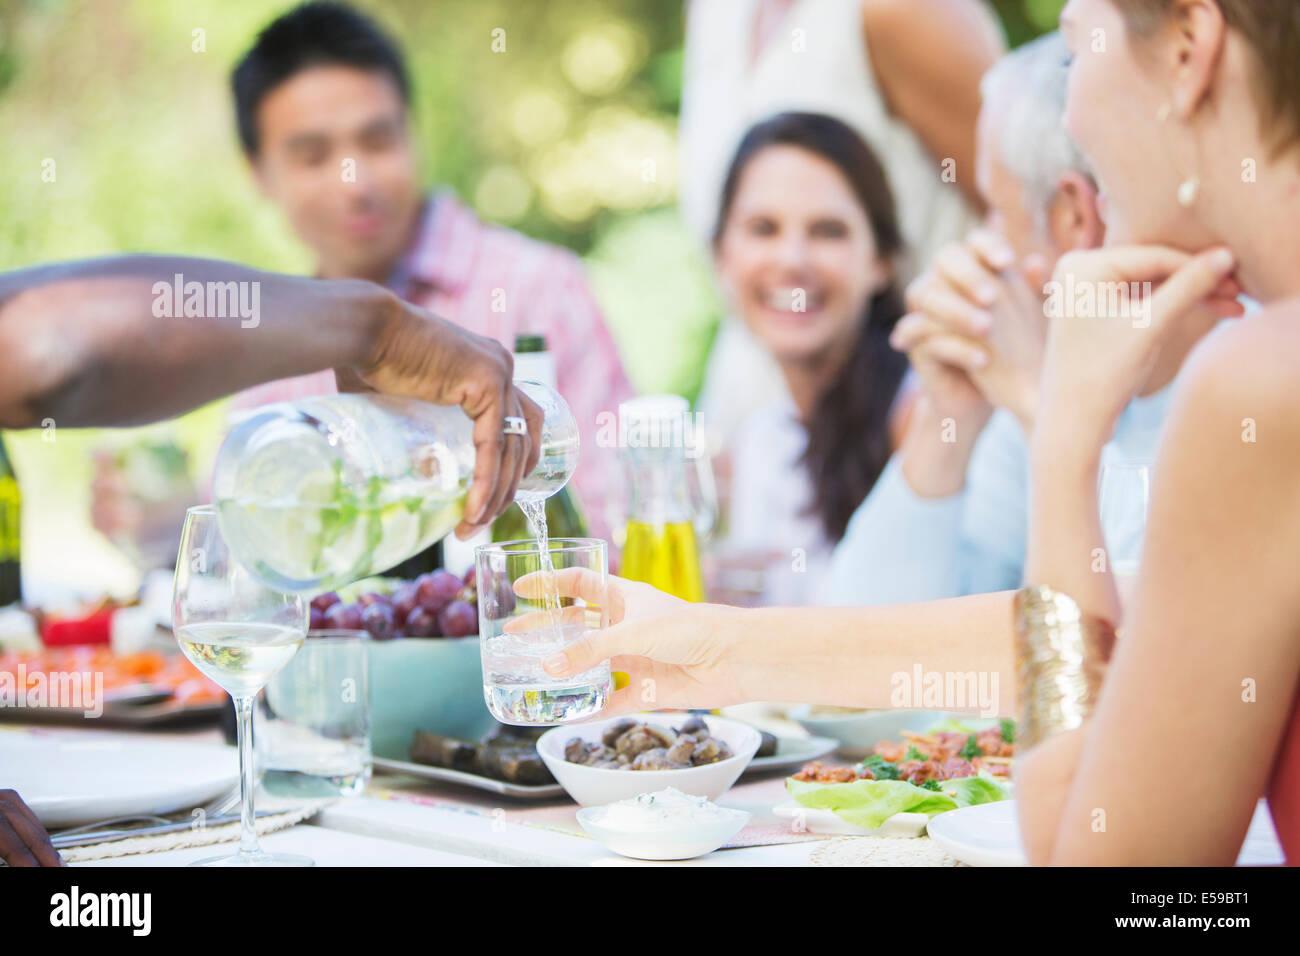 Les amis manger ensemble à l'extérieur Photo Stock